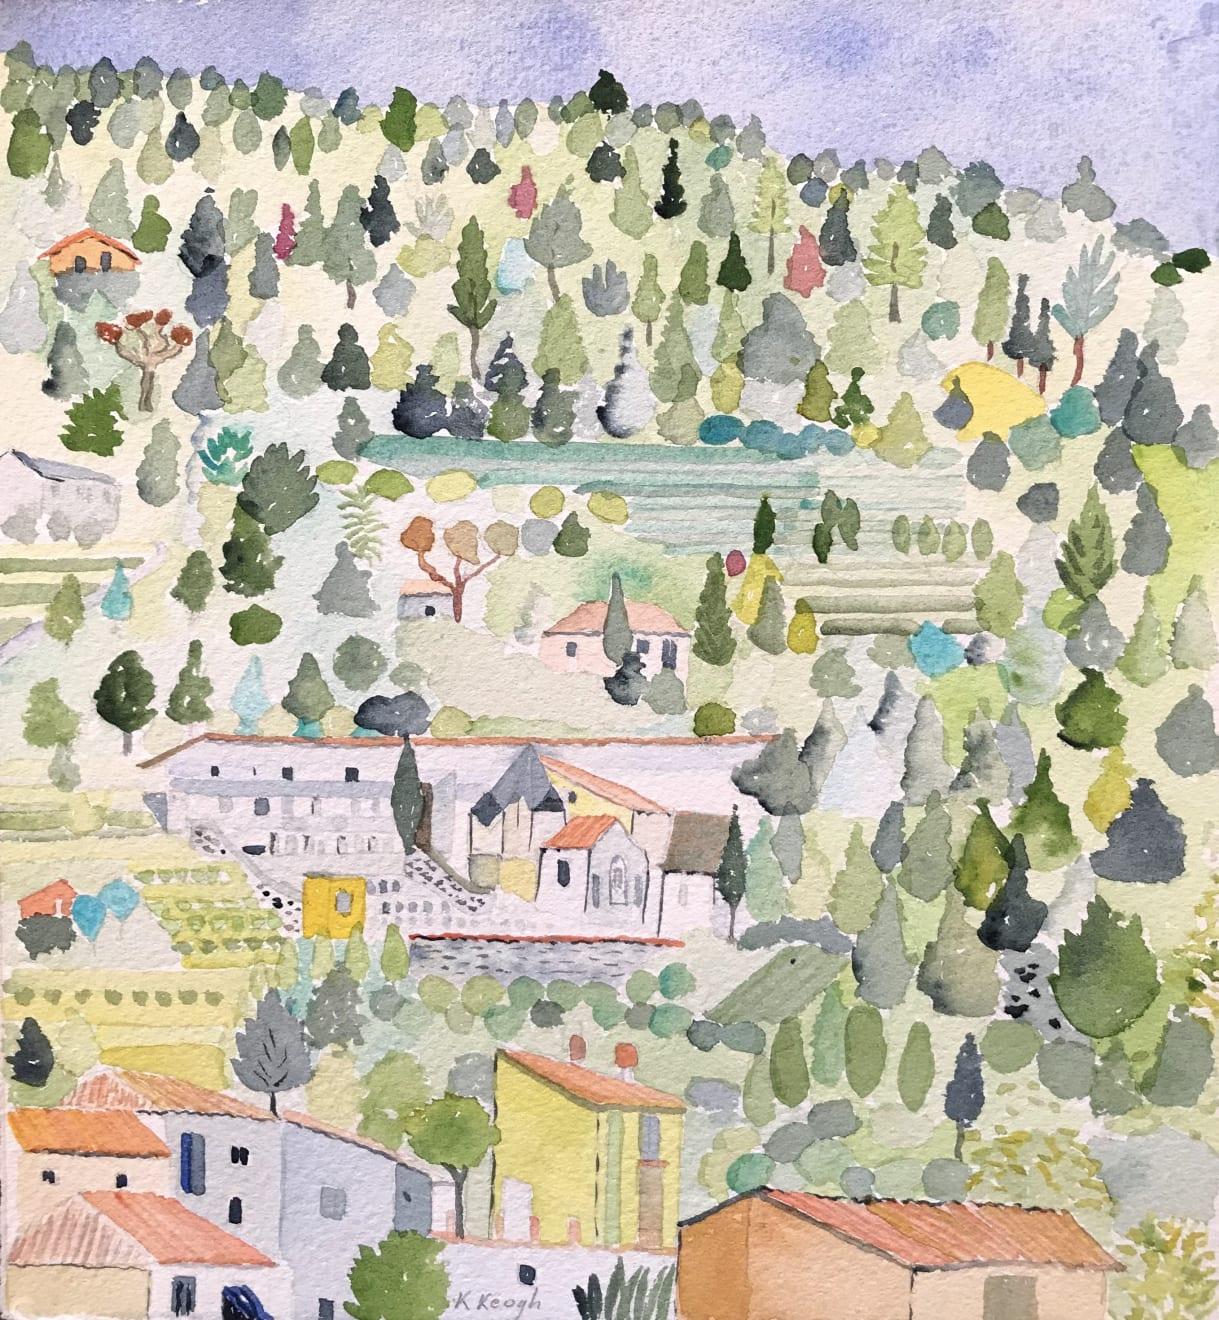 Karen Keogh, View from the Pool, Bagni di Lucca, Tuscany